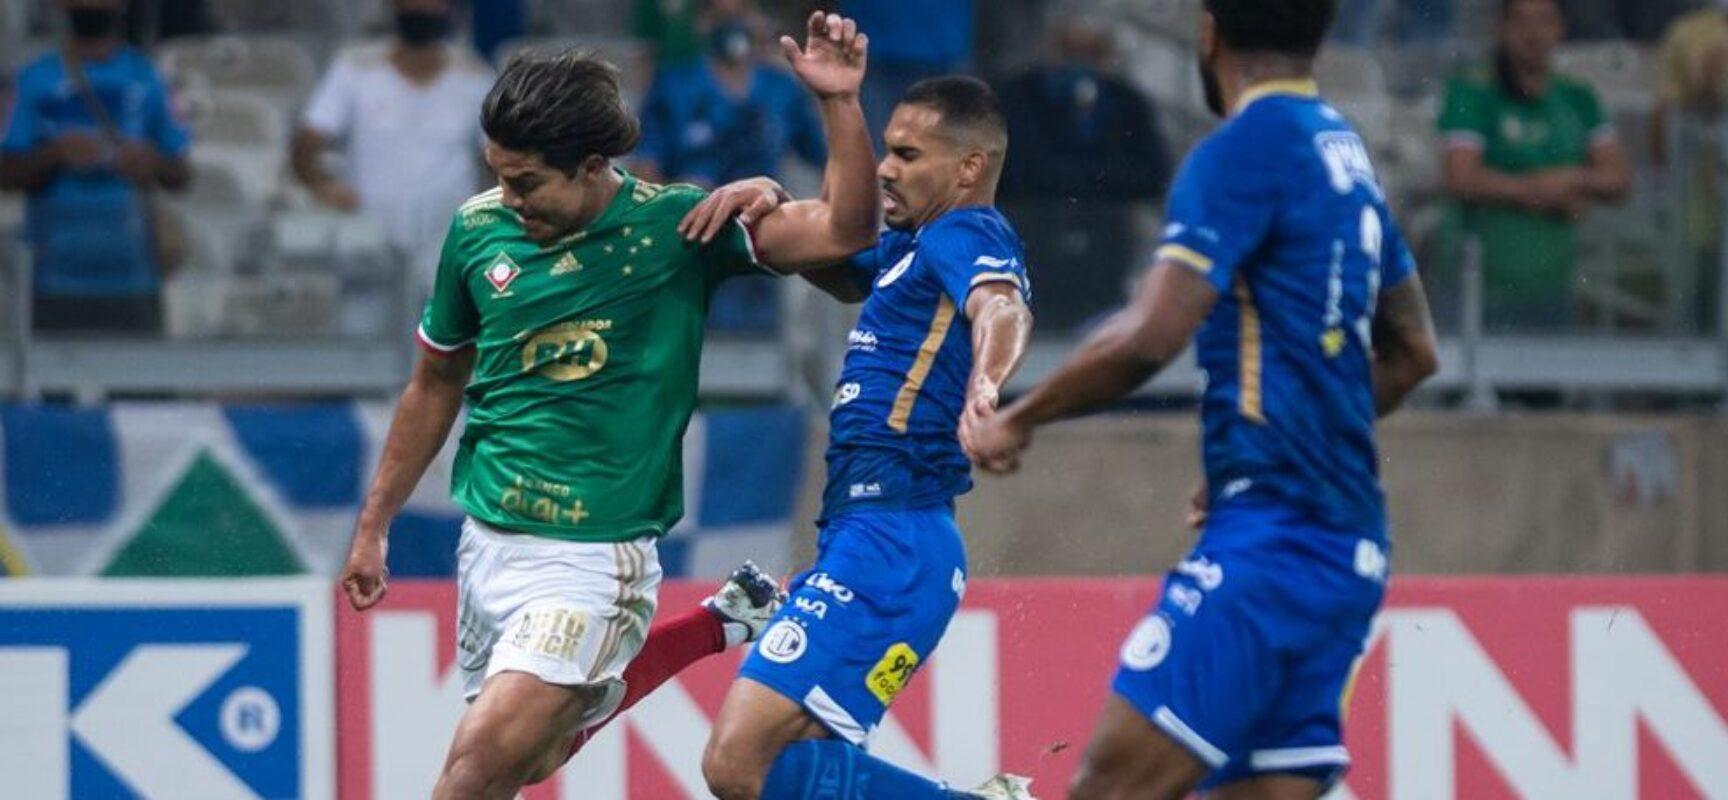 Cruzeiro bate Confiança e chega a sétimo jogo sem derrota na Série B